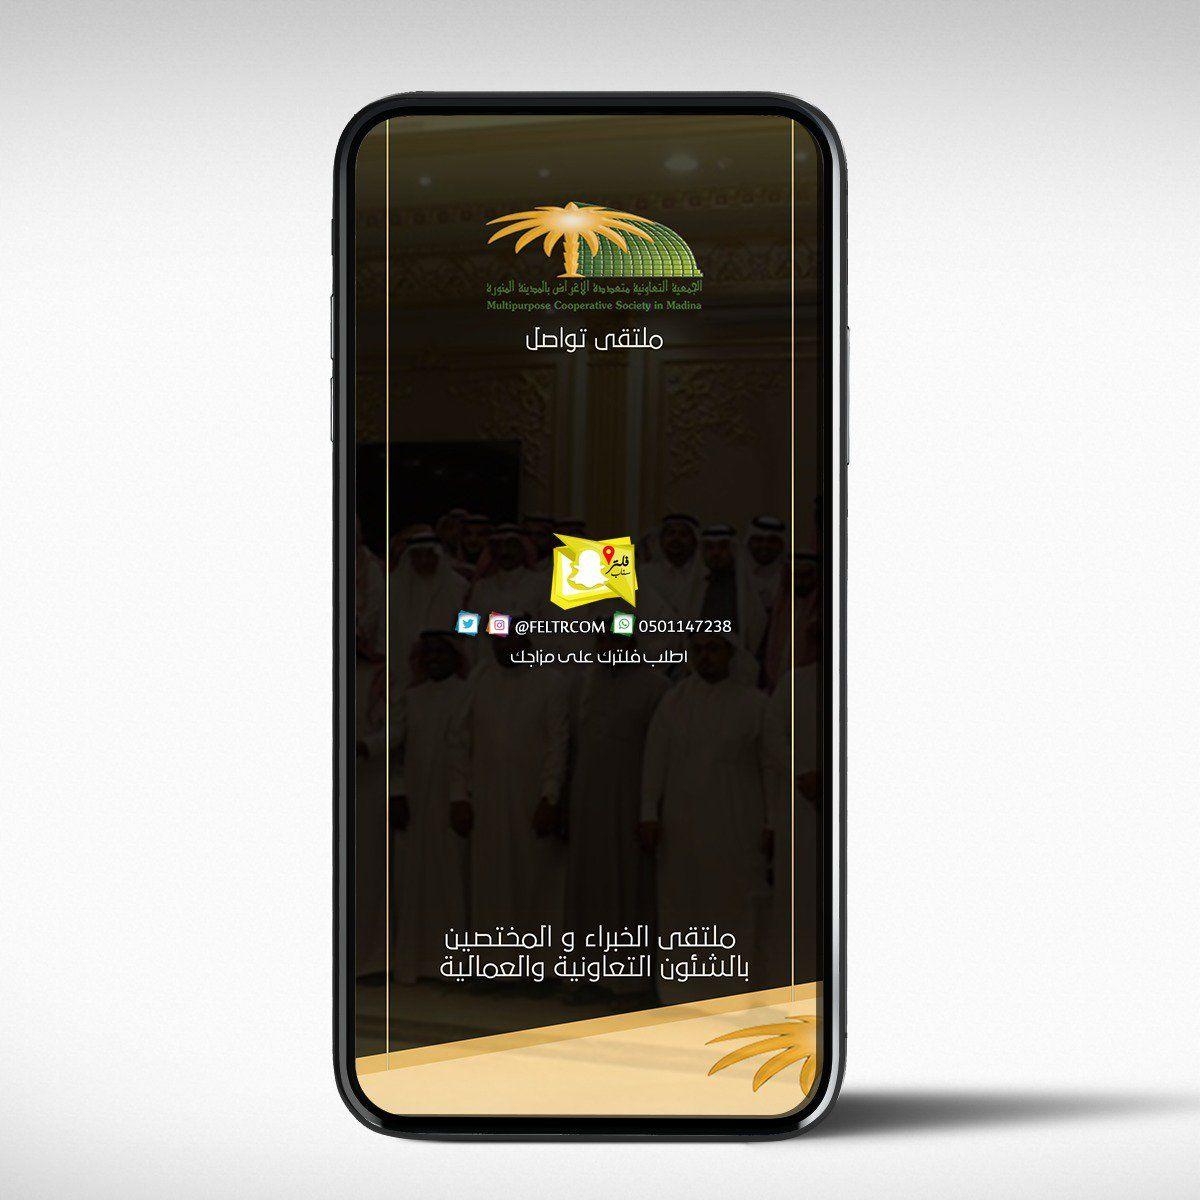 فلتر سناب Filter Snap Feltrcom تويتر Samsung Galaxy Phone Galaxy Phone Samsung Galaxy